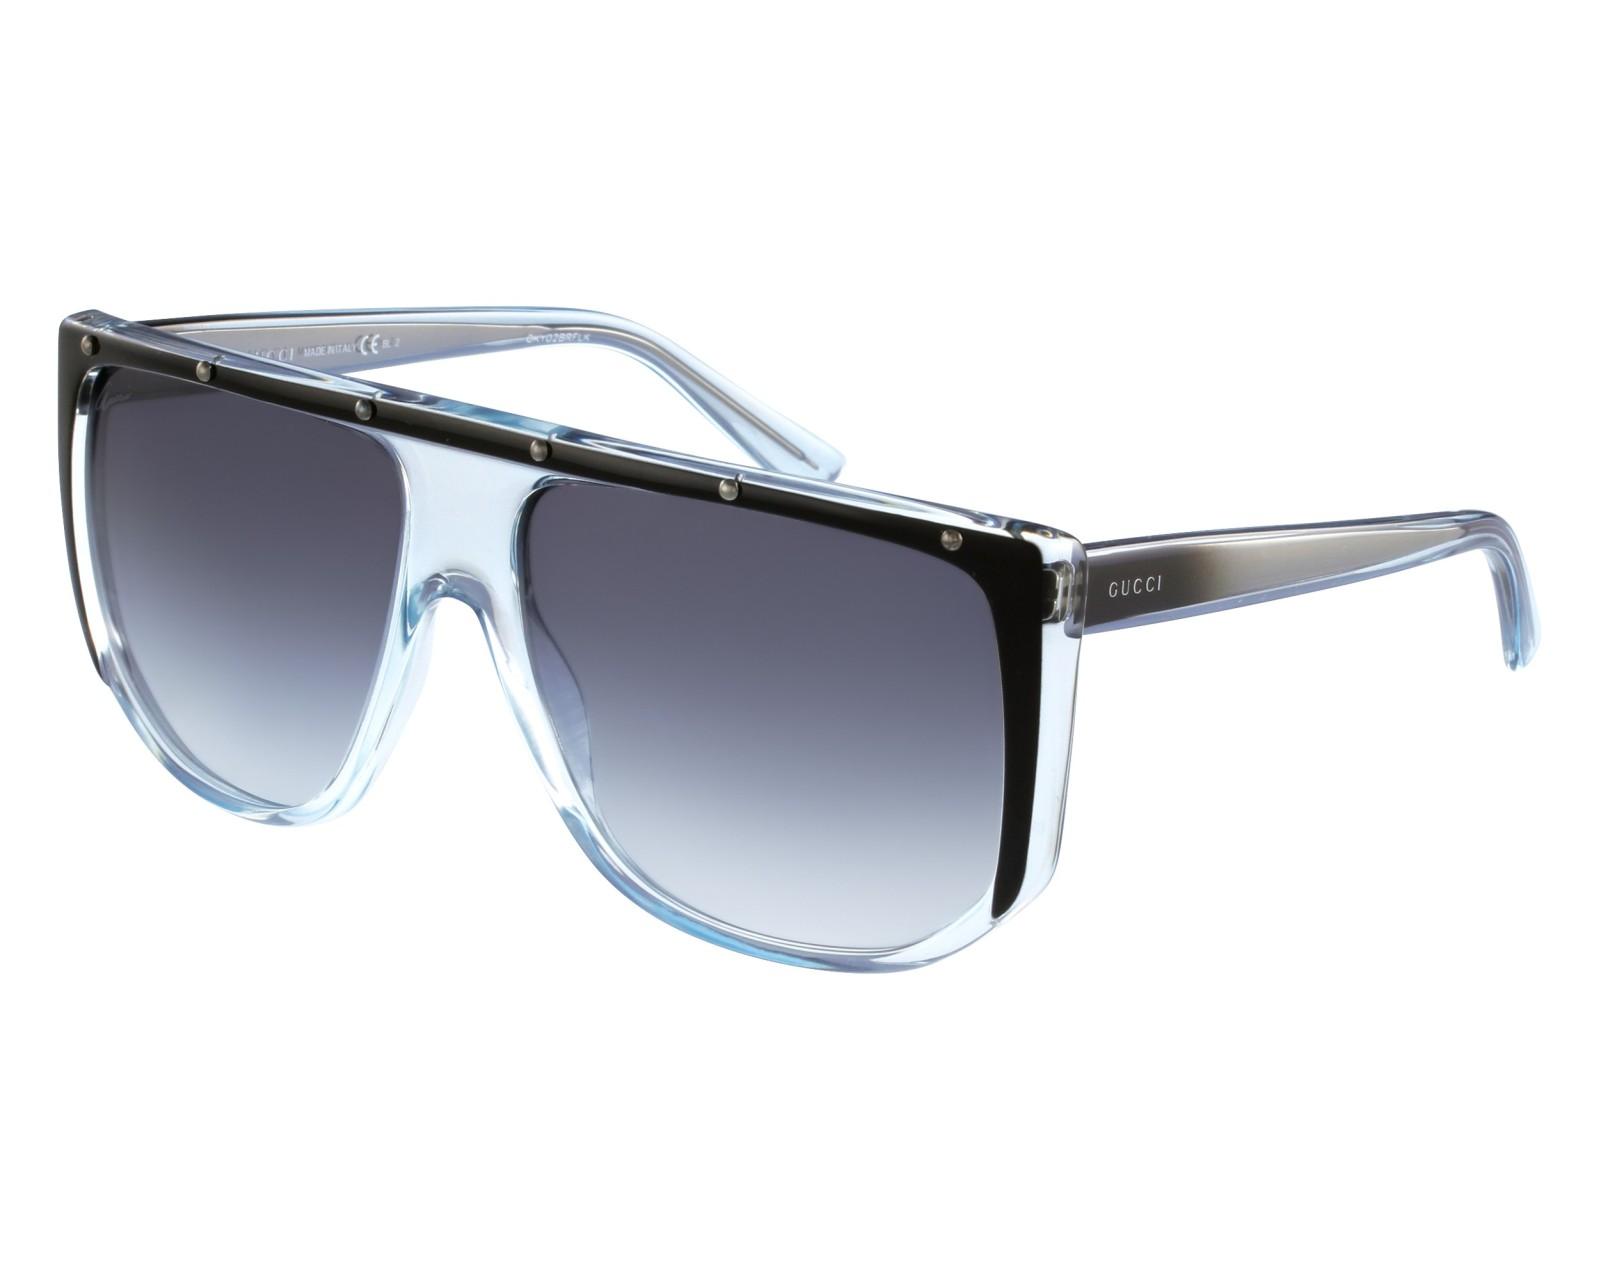 31d5e47edd6 Sunglasses Gucci GG-3705-S 9UF LF - Black Blue sky front view